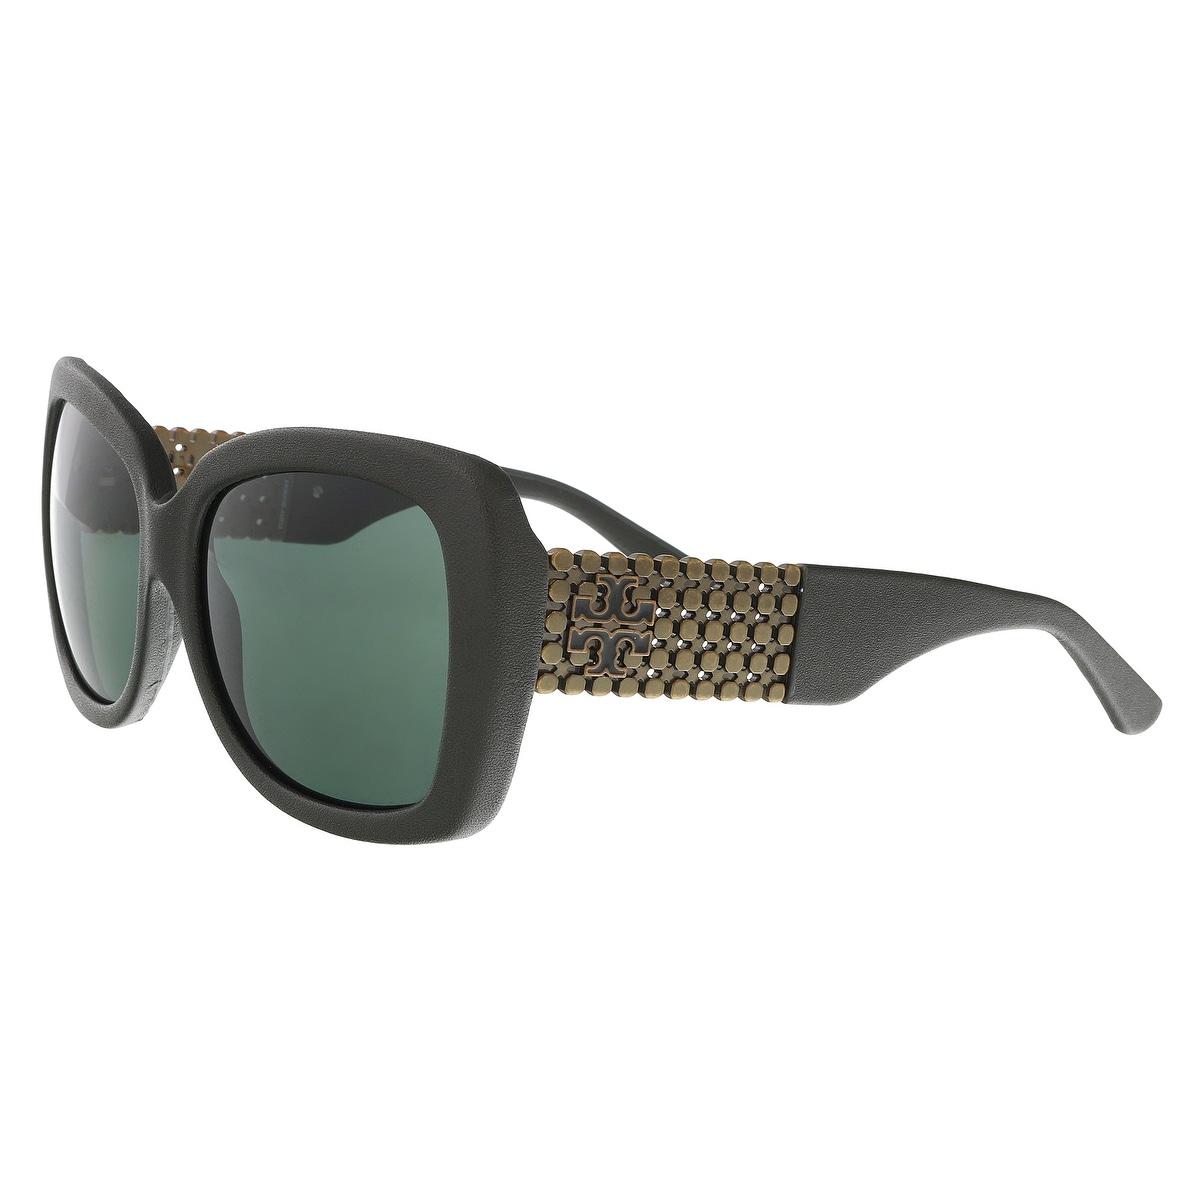 36b84f34bdd2 Tory Burch Sunglasses